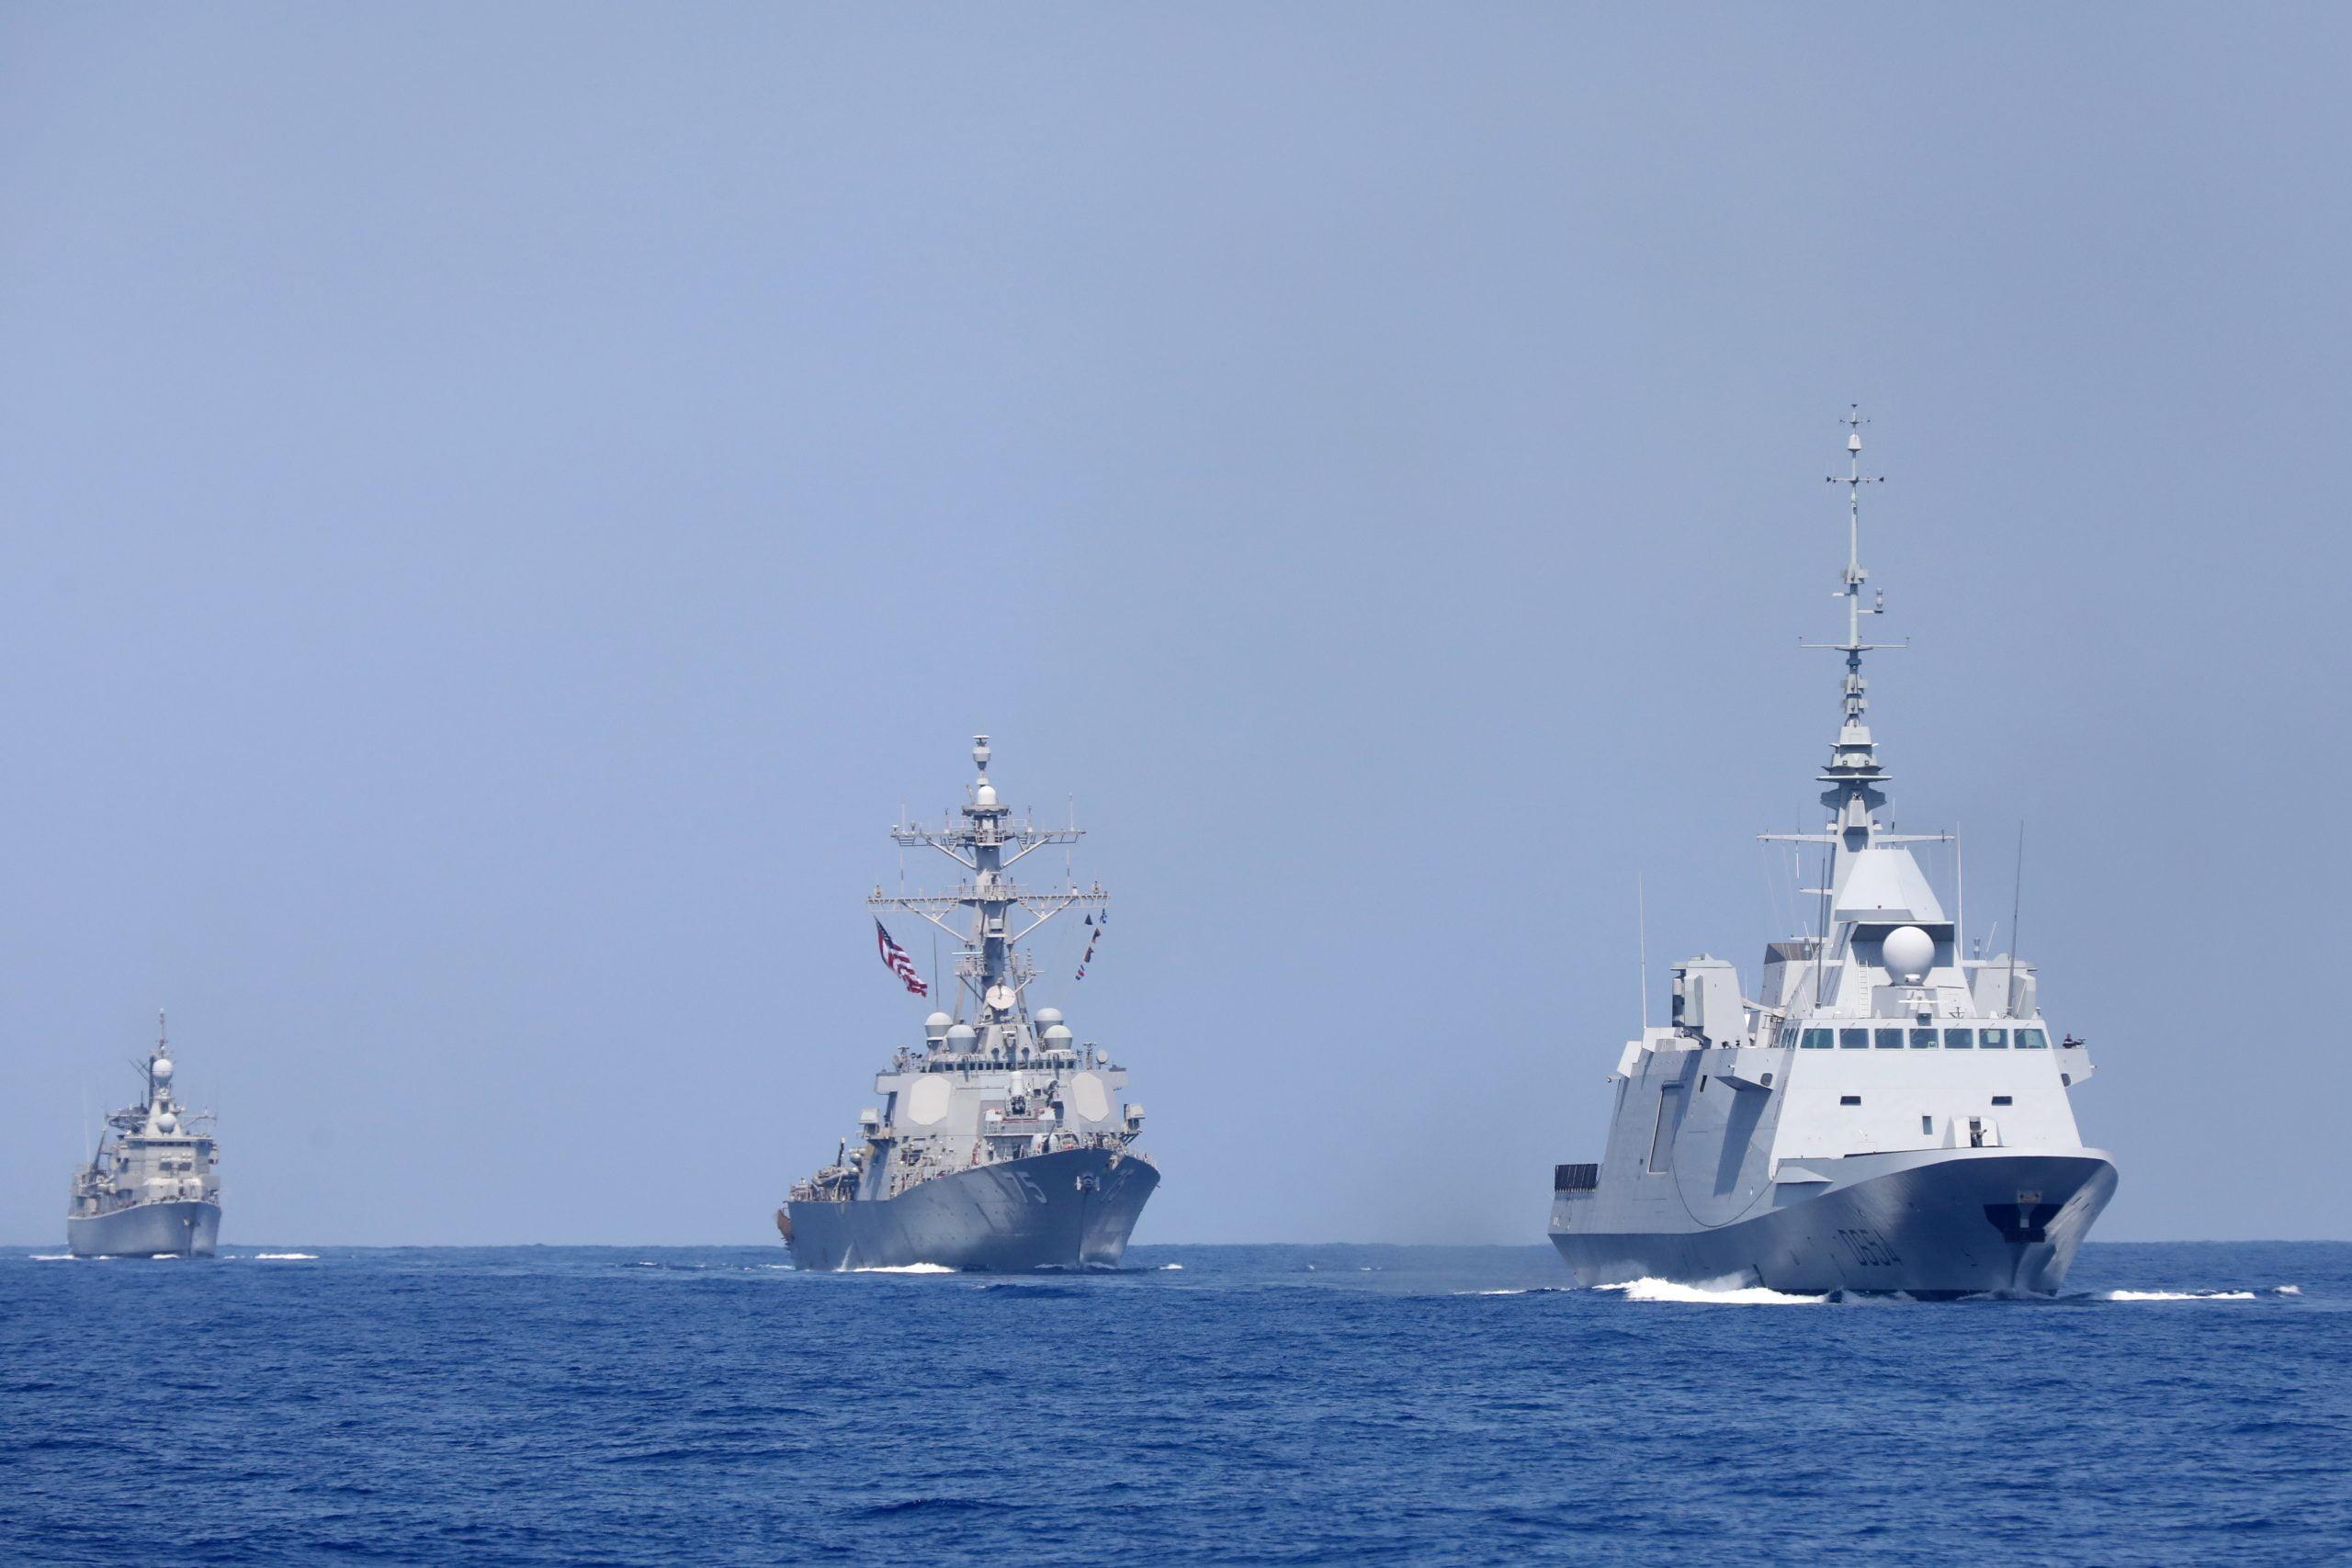 Κορυφώνεται η «ναυμαχία» για τις φρεγάτες: «Ντρίπλα» από Ολλανδία και Ιταλία – Πώς Sigma και Fremm θα «πείσουν» το Πολεμικό Ναυτικό